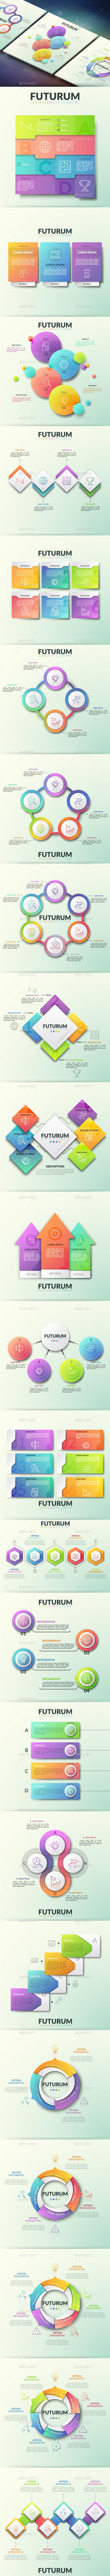 Futurum Infographic